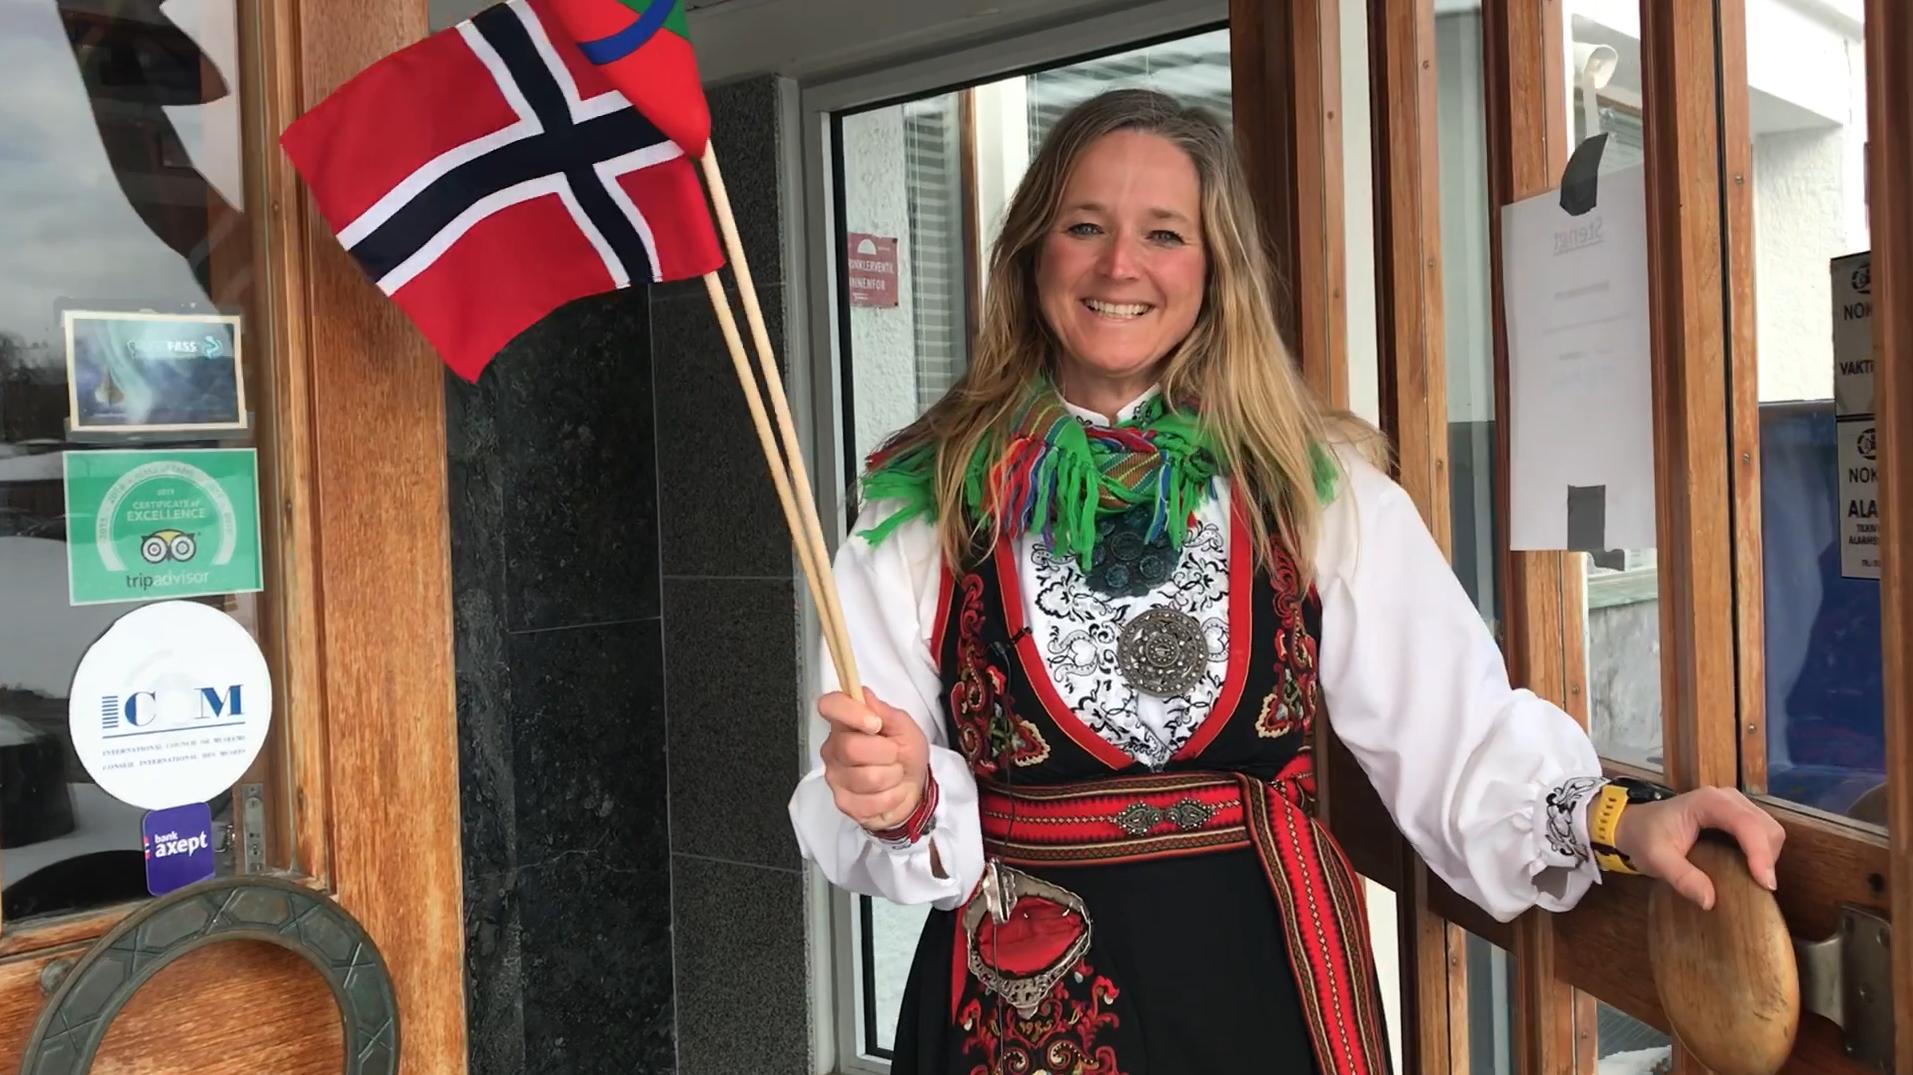 Lena Aarekol, direktør, Norges arktiske universitetsmuseum og akademi for kunstfag